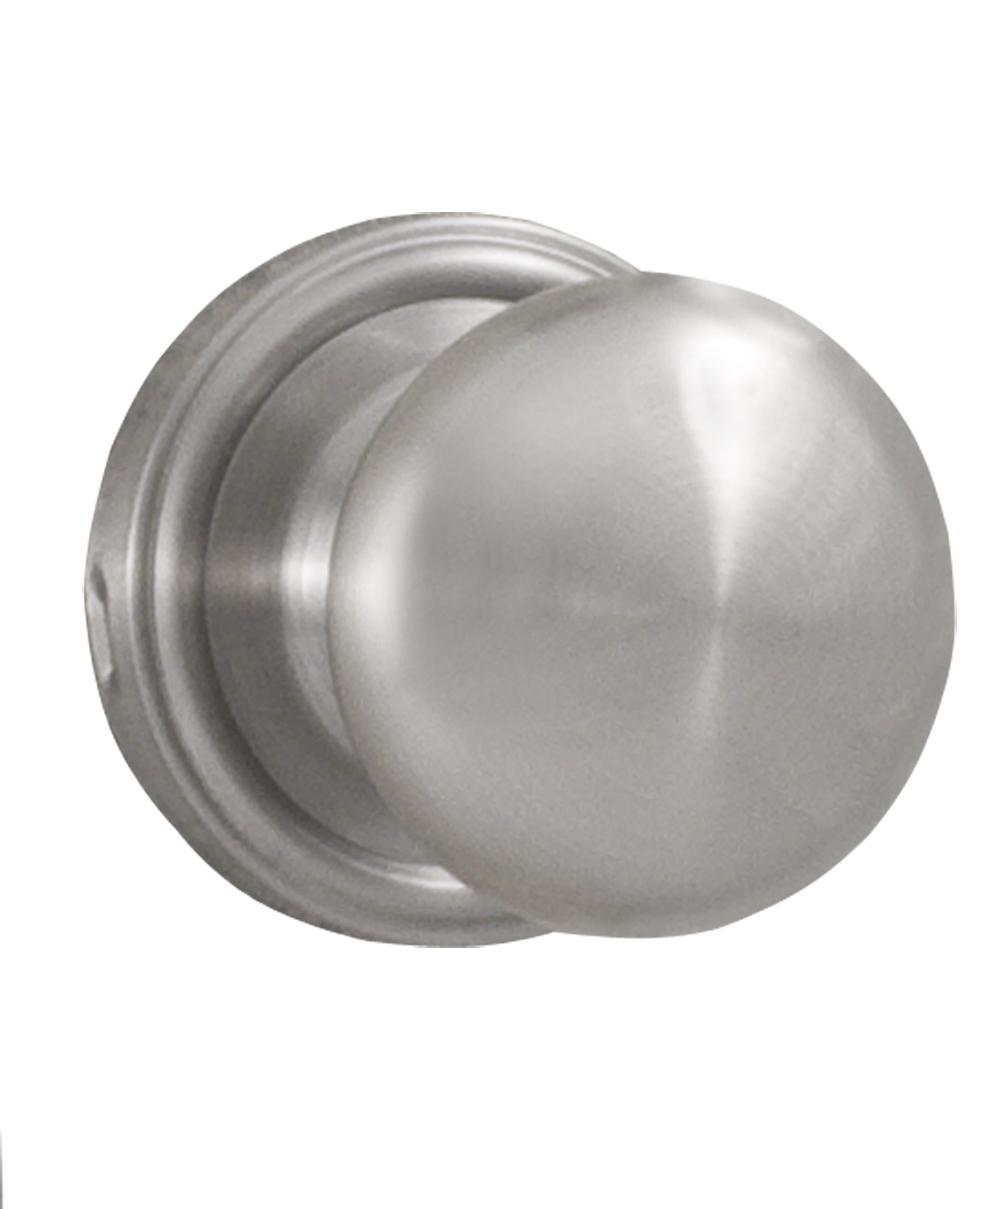 weslock door knobs photo - 9